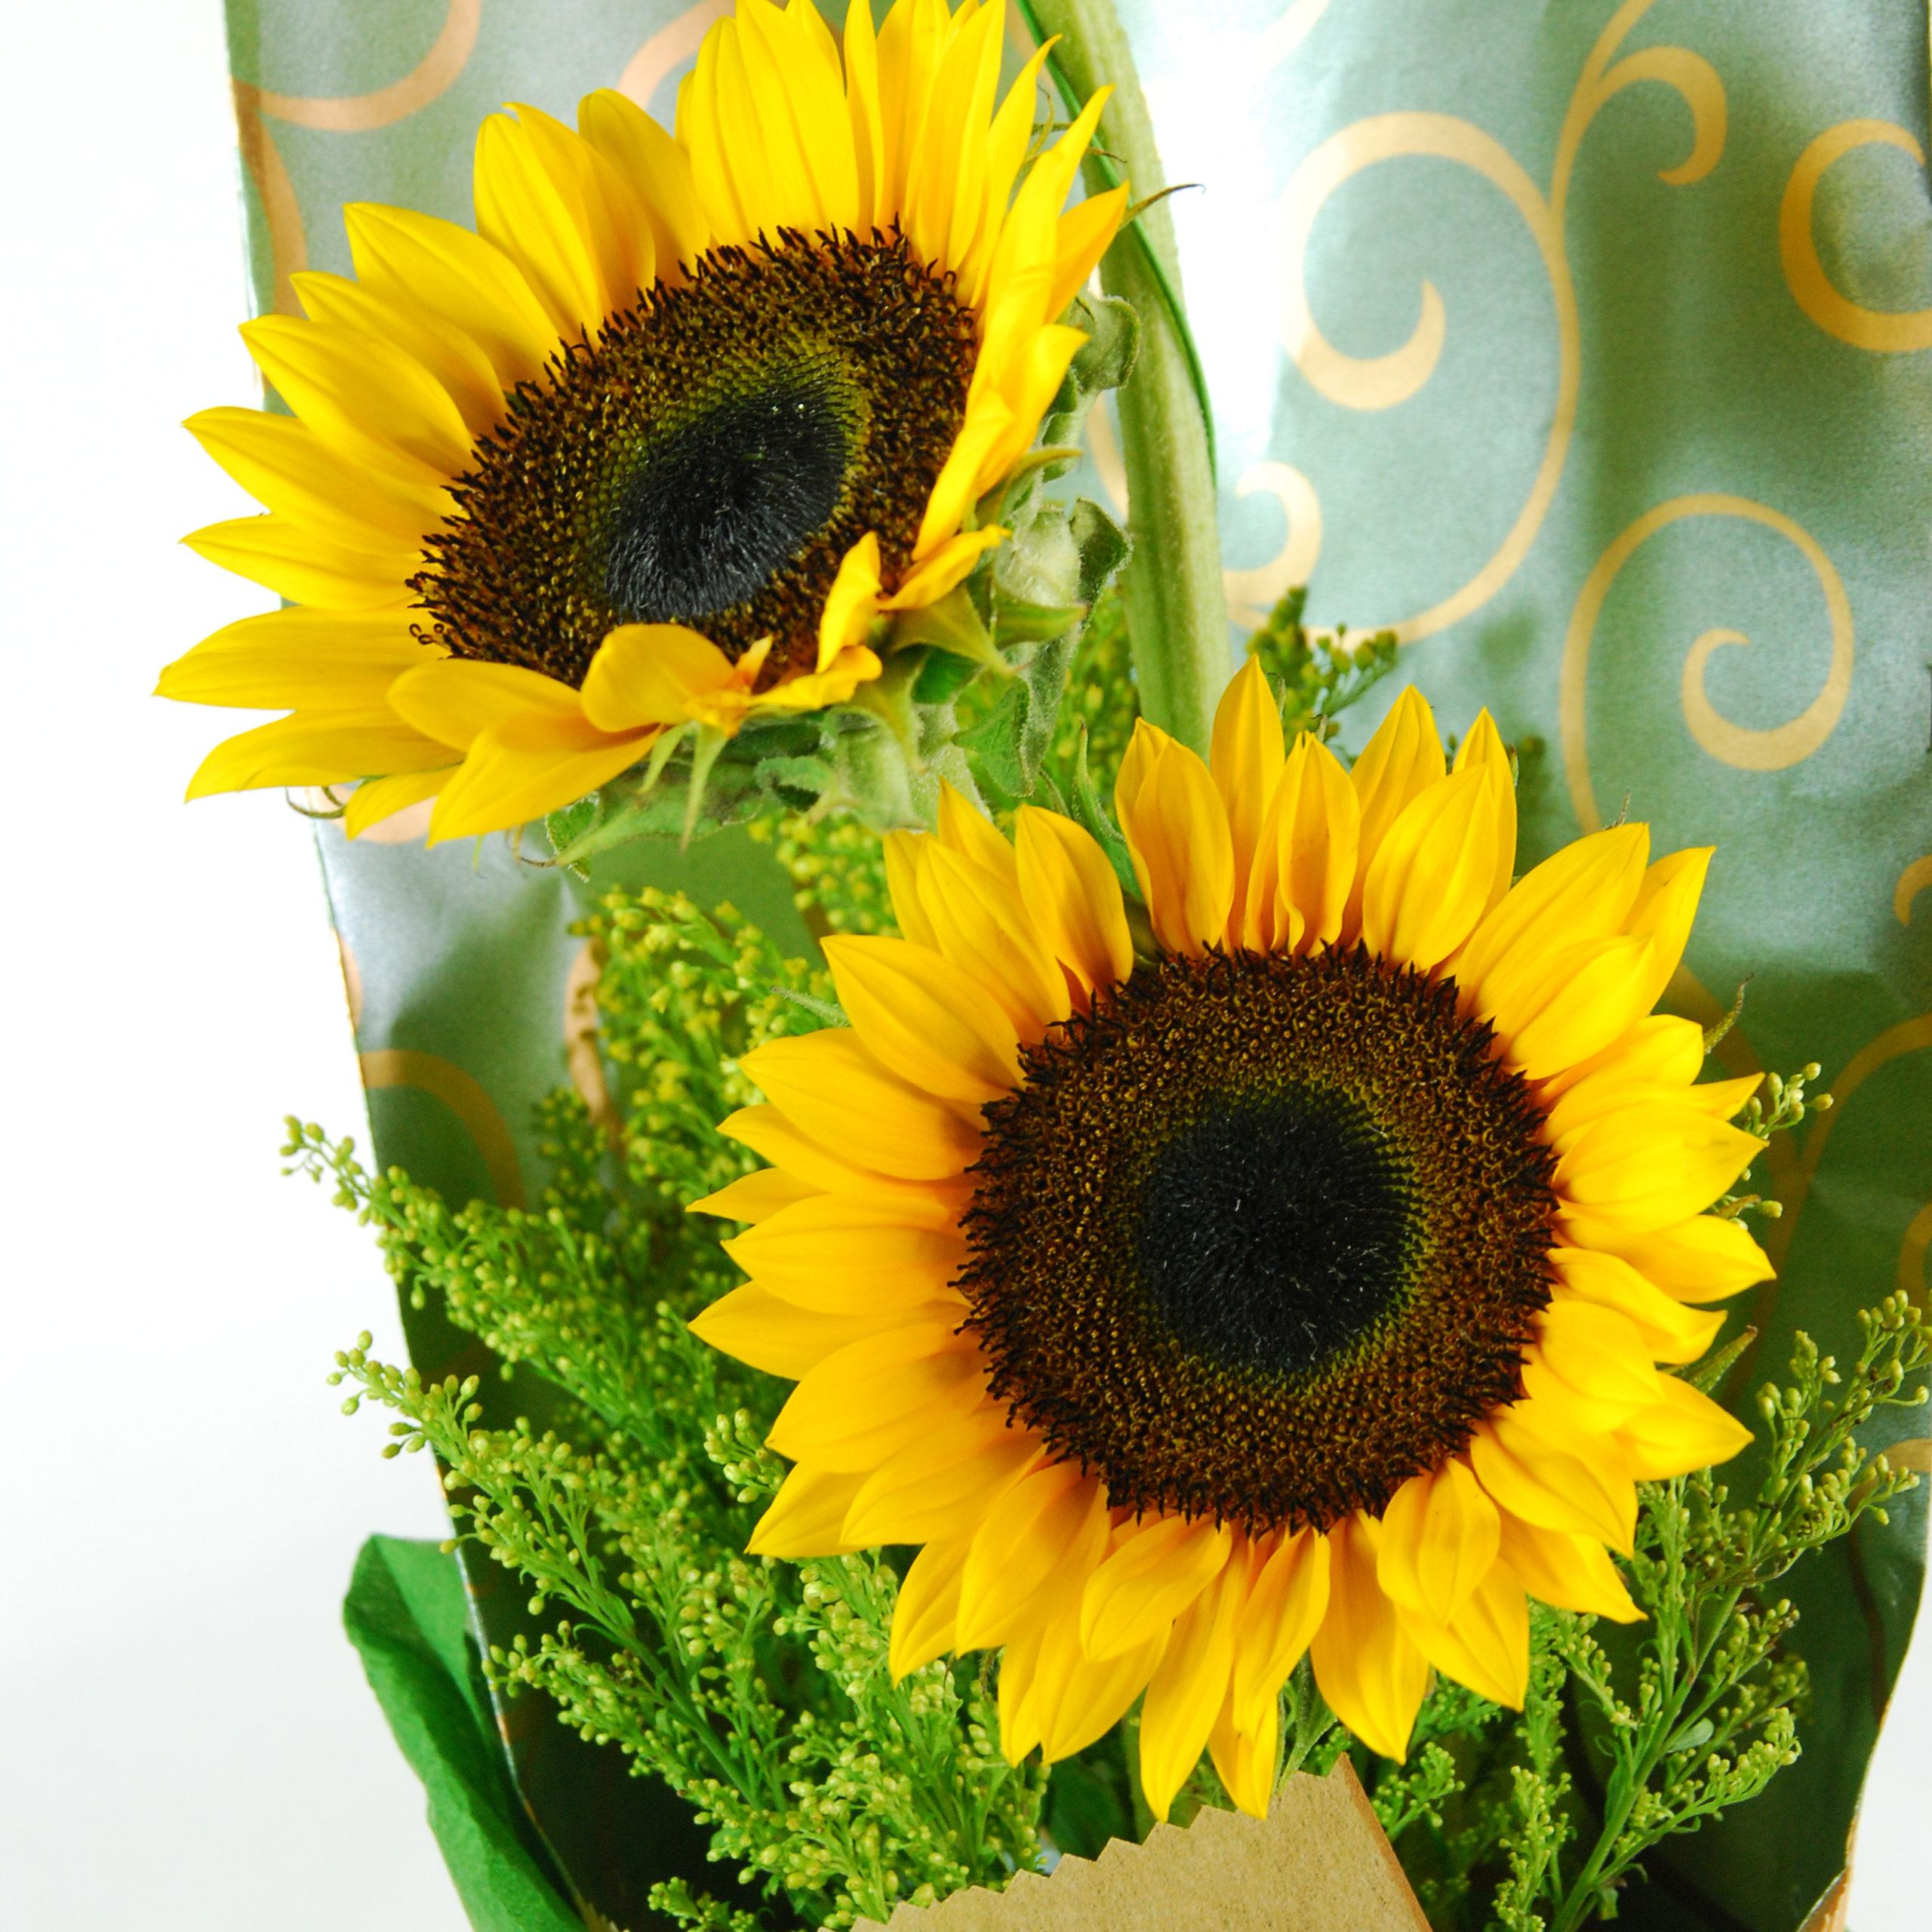 【巧繪網-FS010036祝福】=3支向日葵+新鮮葉材=畢業花束/網路花店/向日葵花束